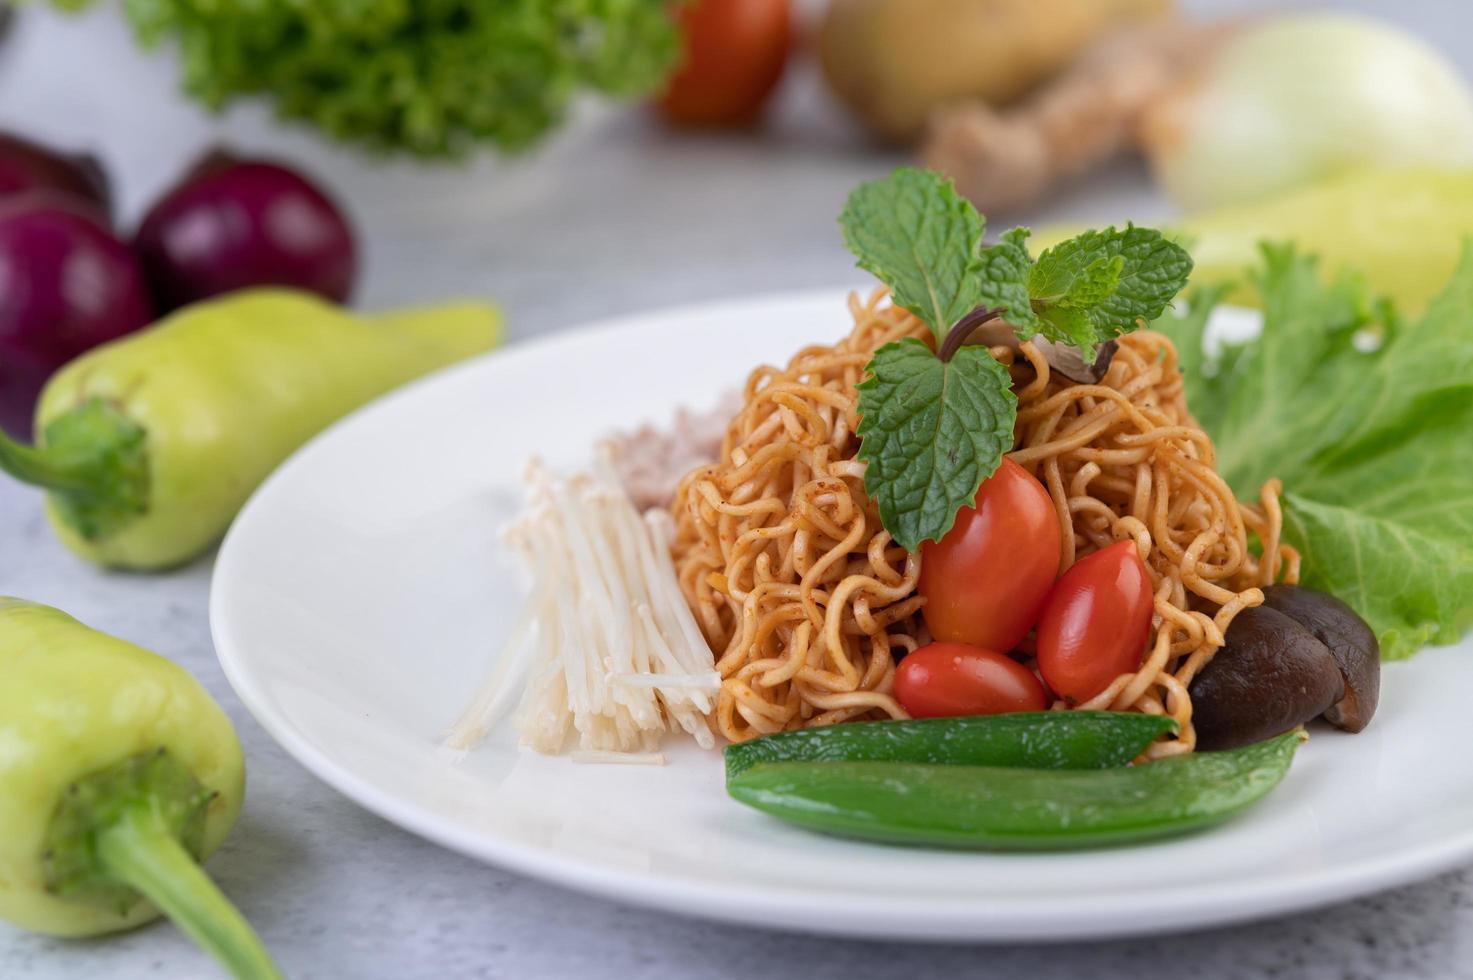 uppstekta nudlar med blandade grönsaker foto